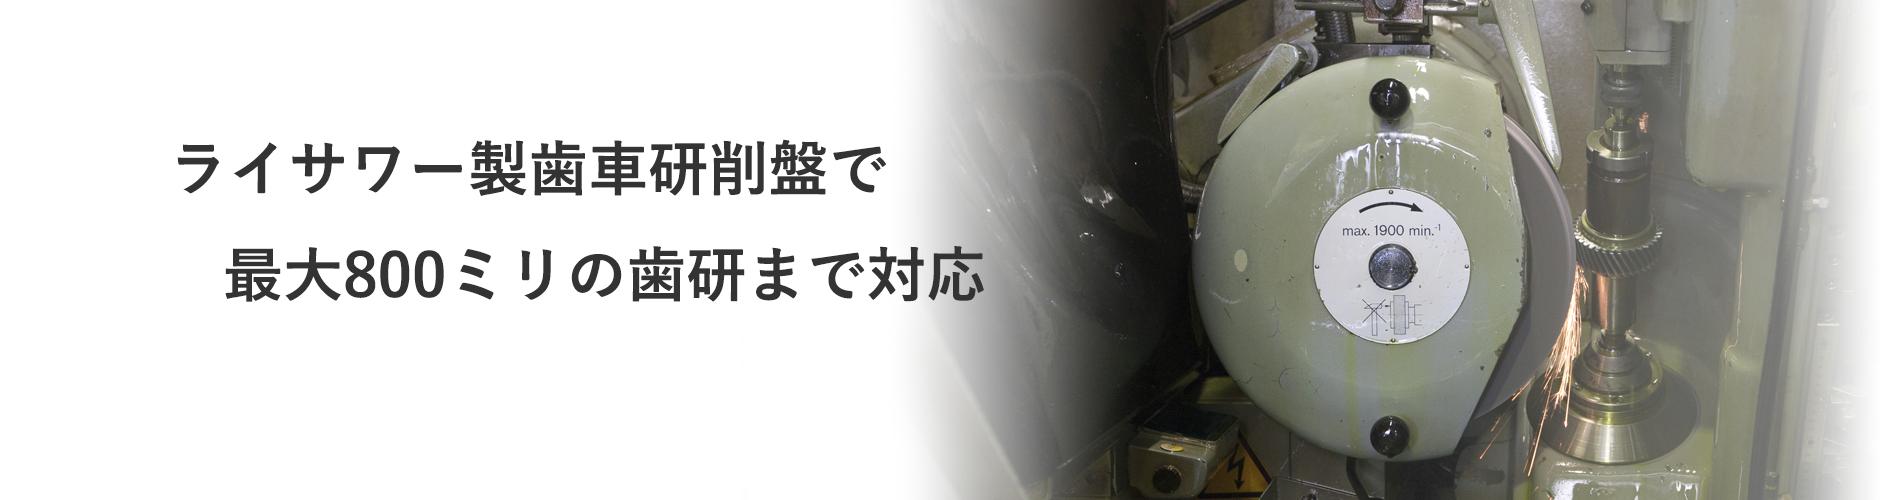 ライサワー製歯車研削盤で最大800ミリの歯研まで対応